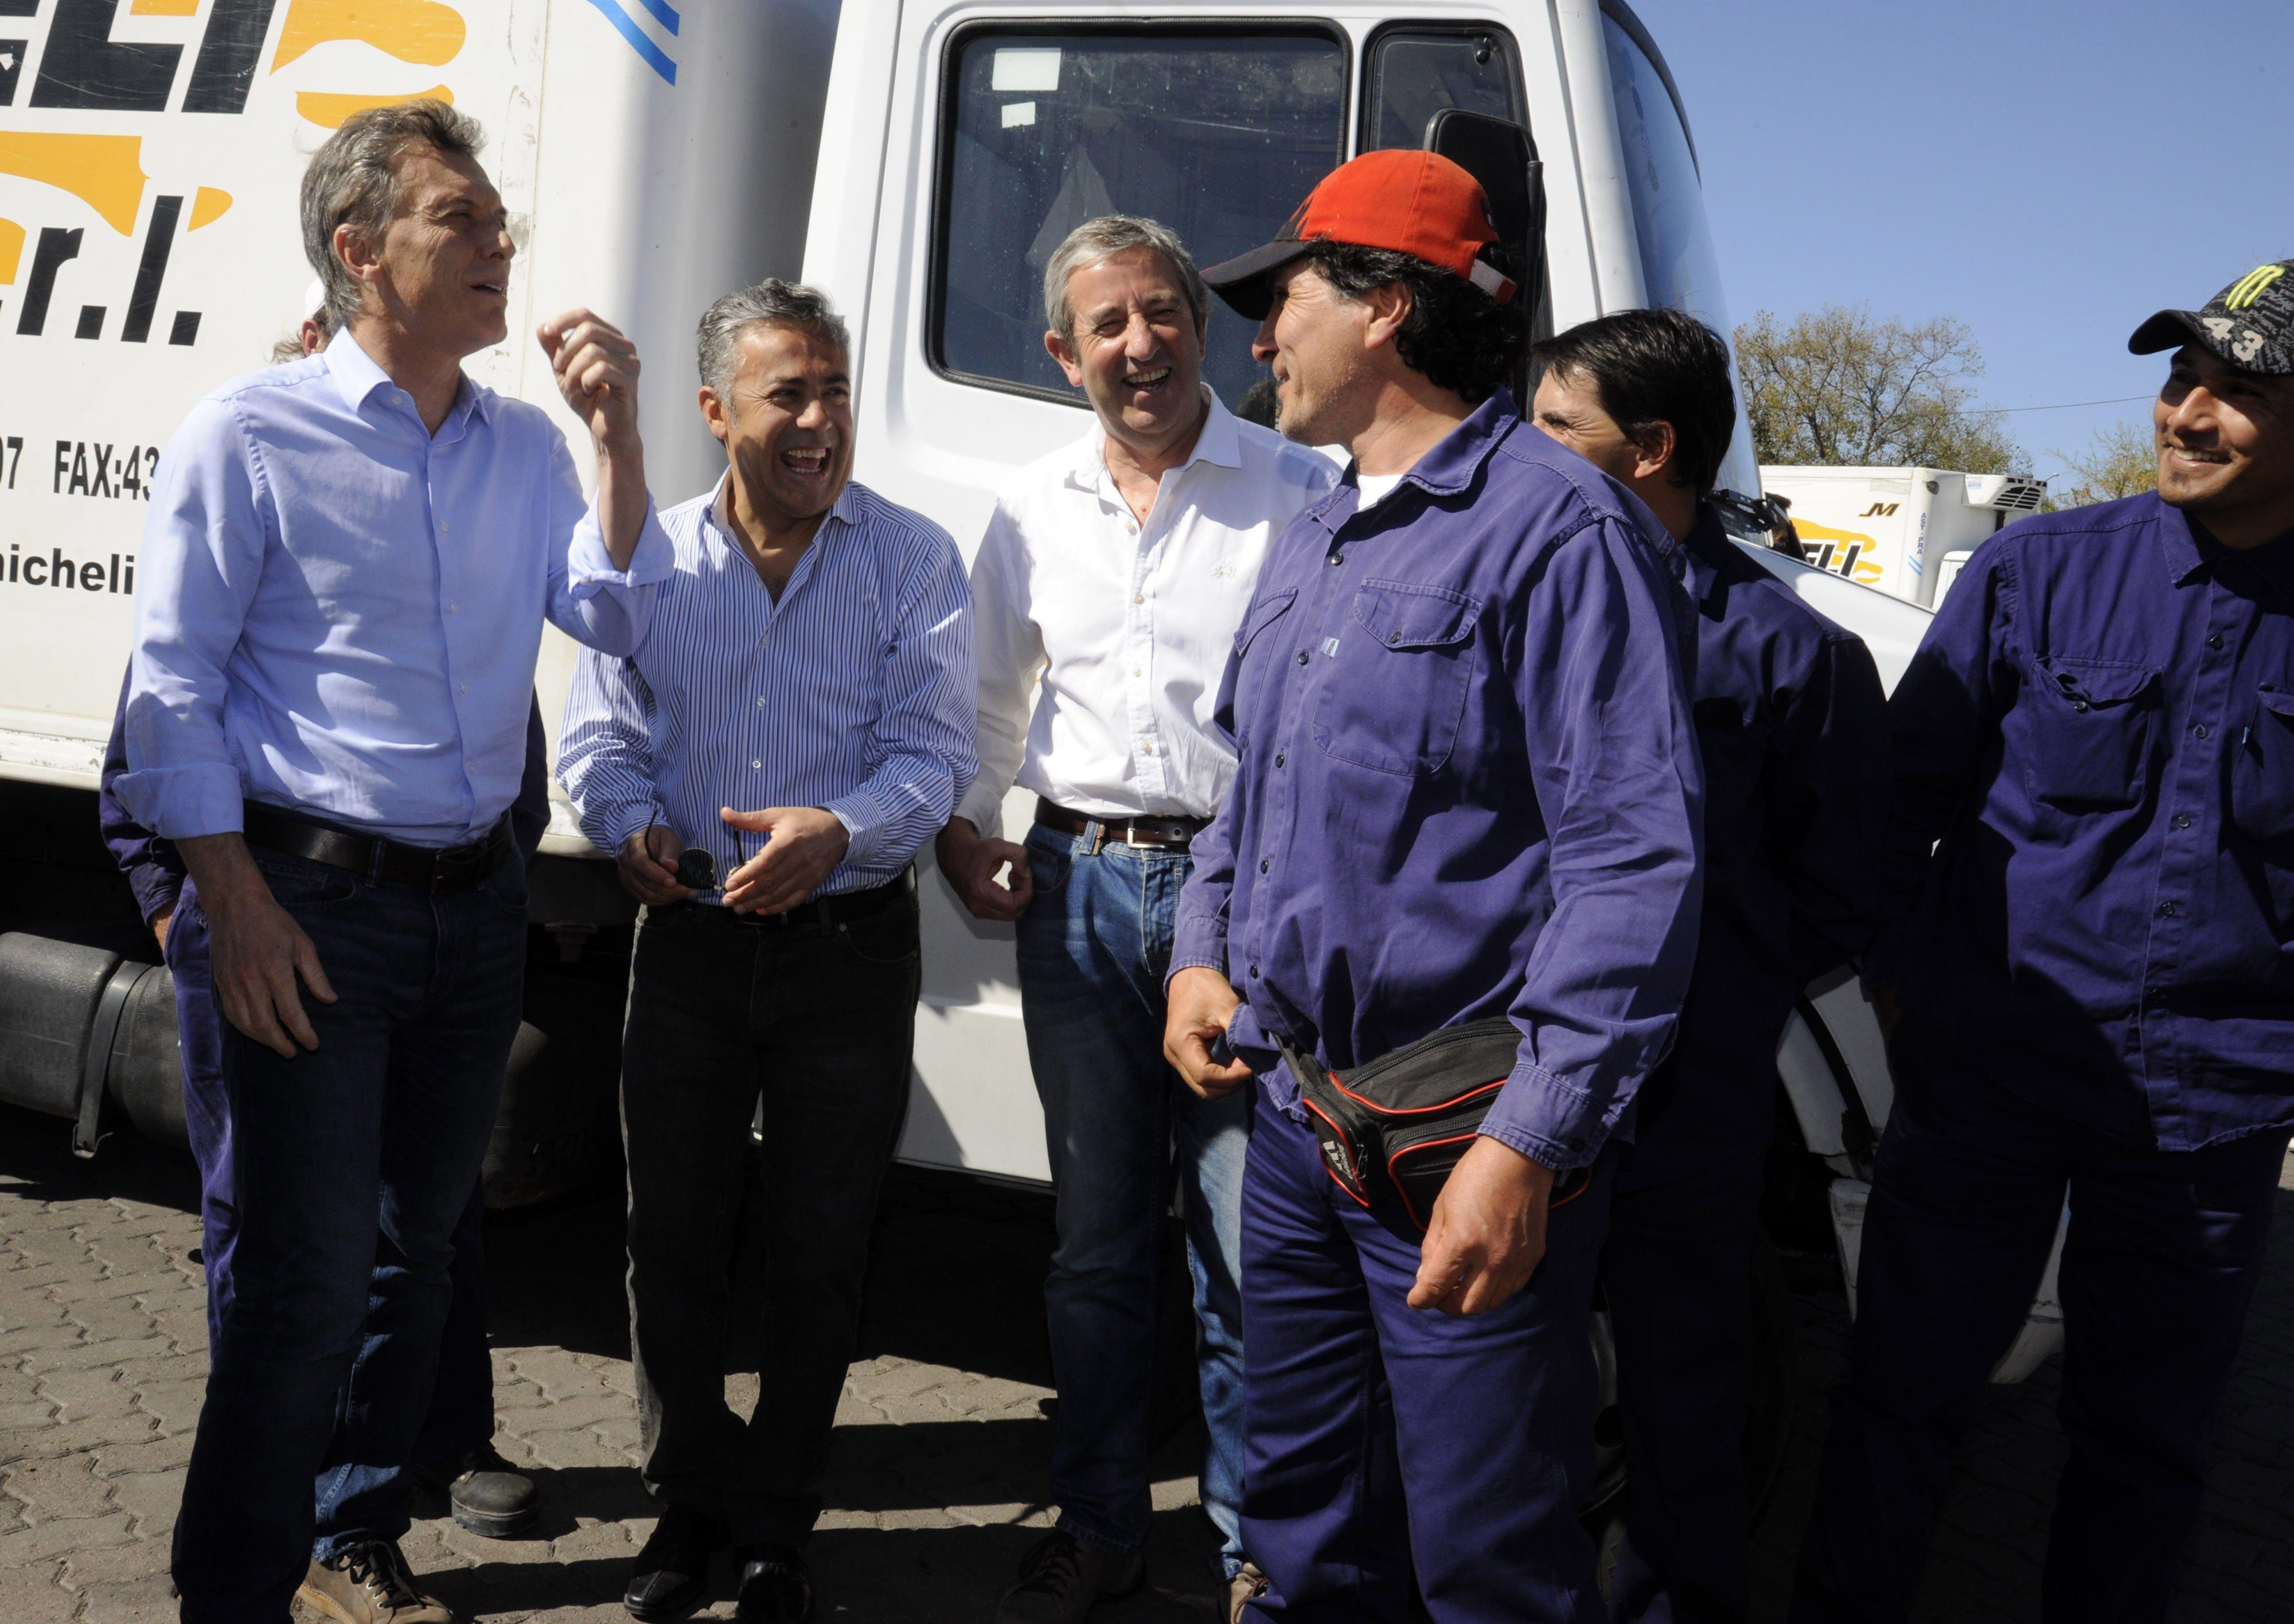 En campaña, Macri seduce a gobernadores del PJ y les promete trabajar codo a codo